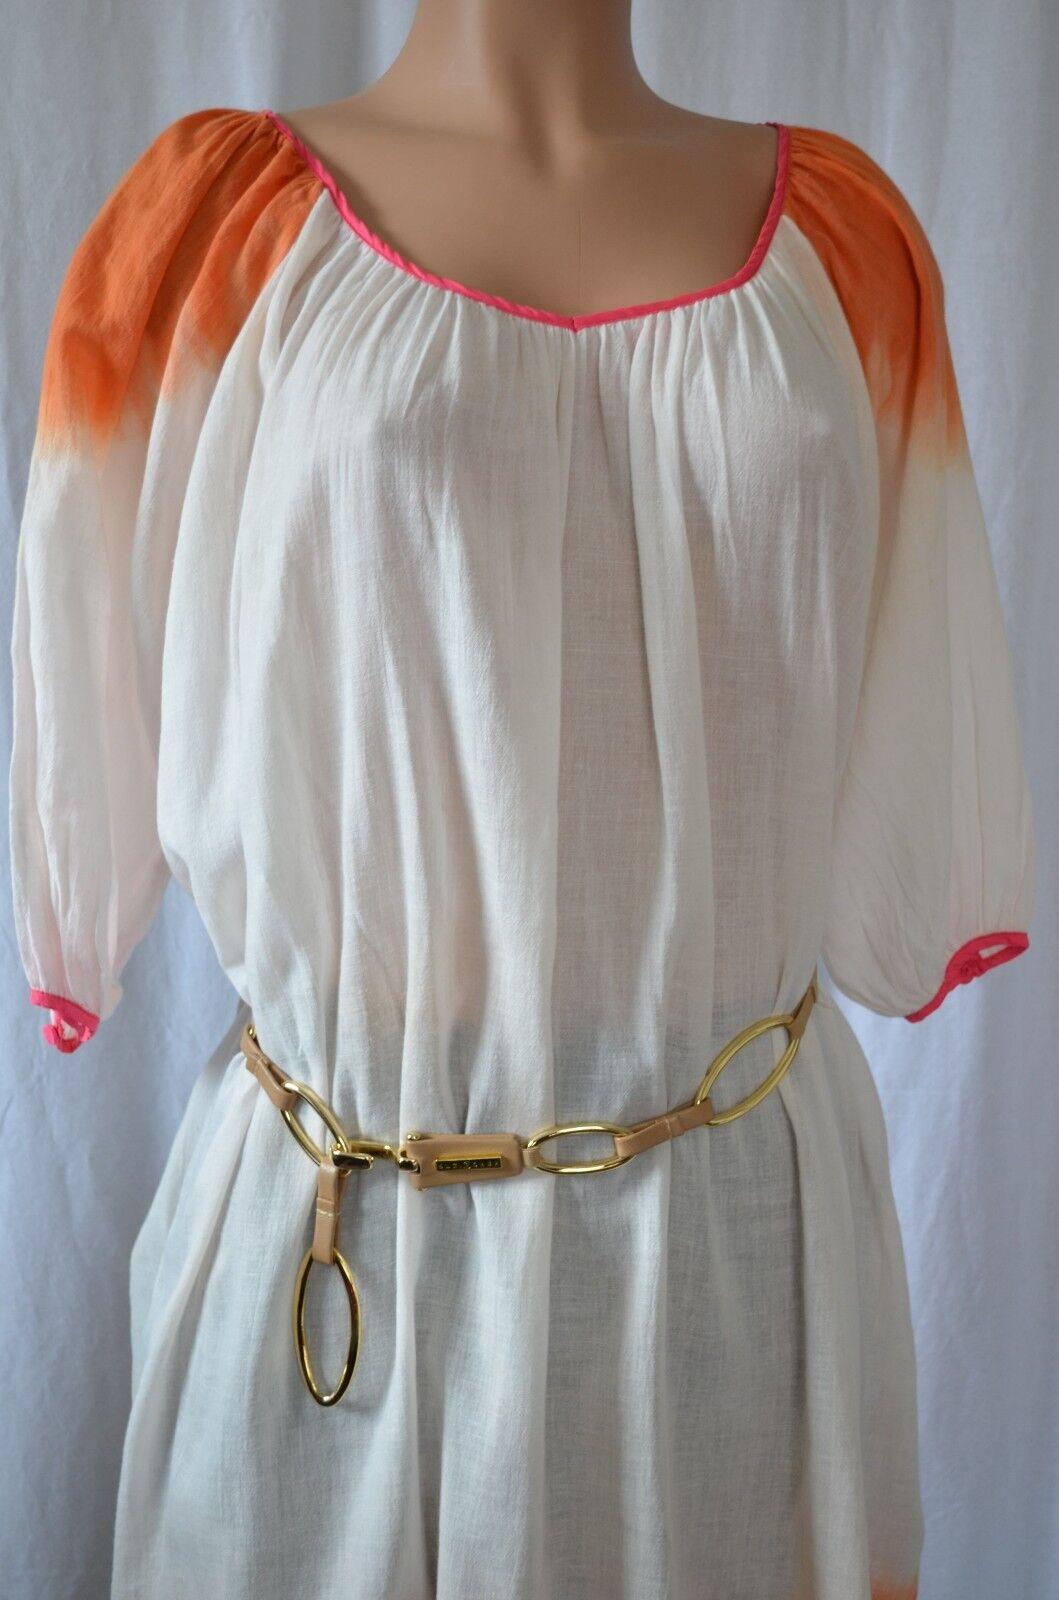 CHRISTOPHE SAUVAT Cotton Tunic Beach Dress Size S